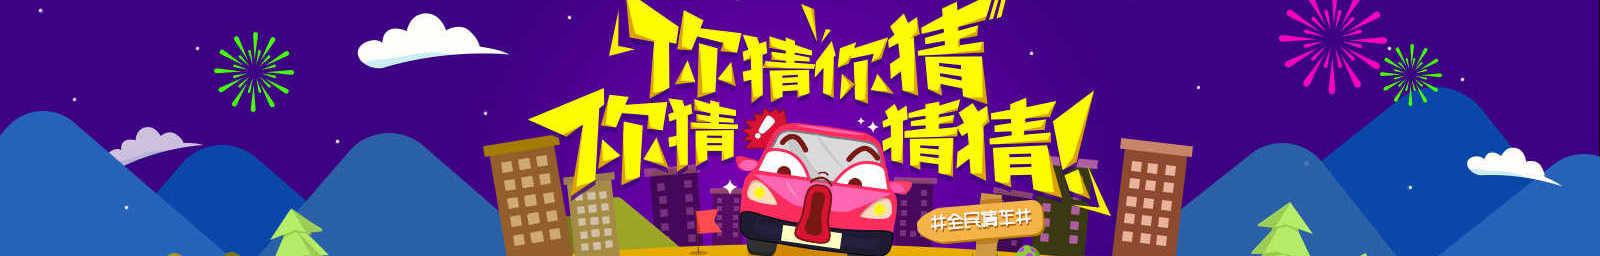 九问视频 banner